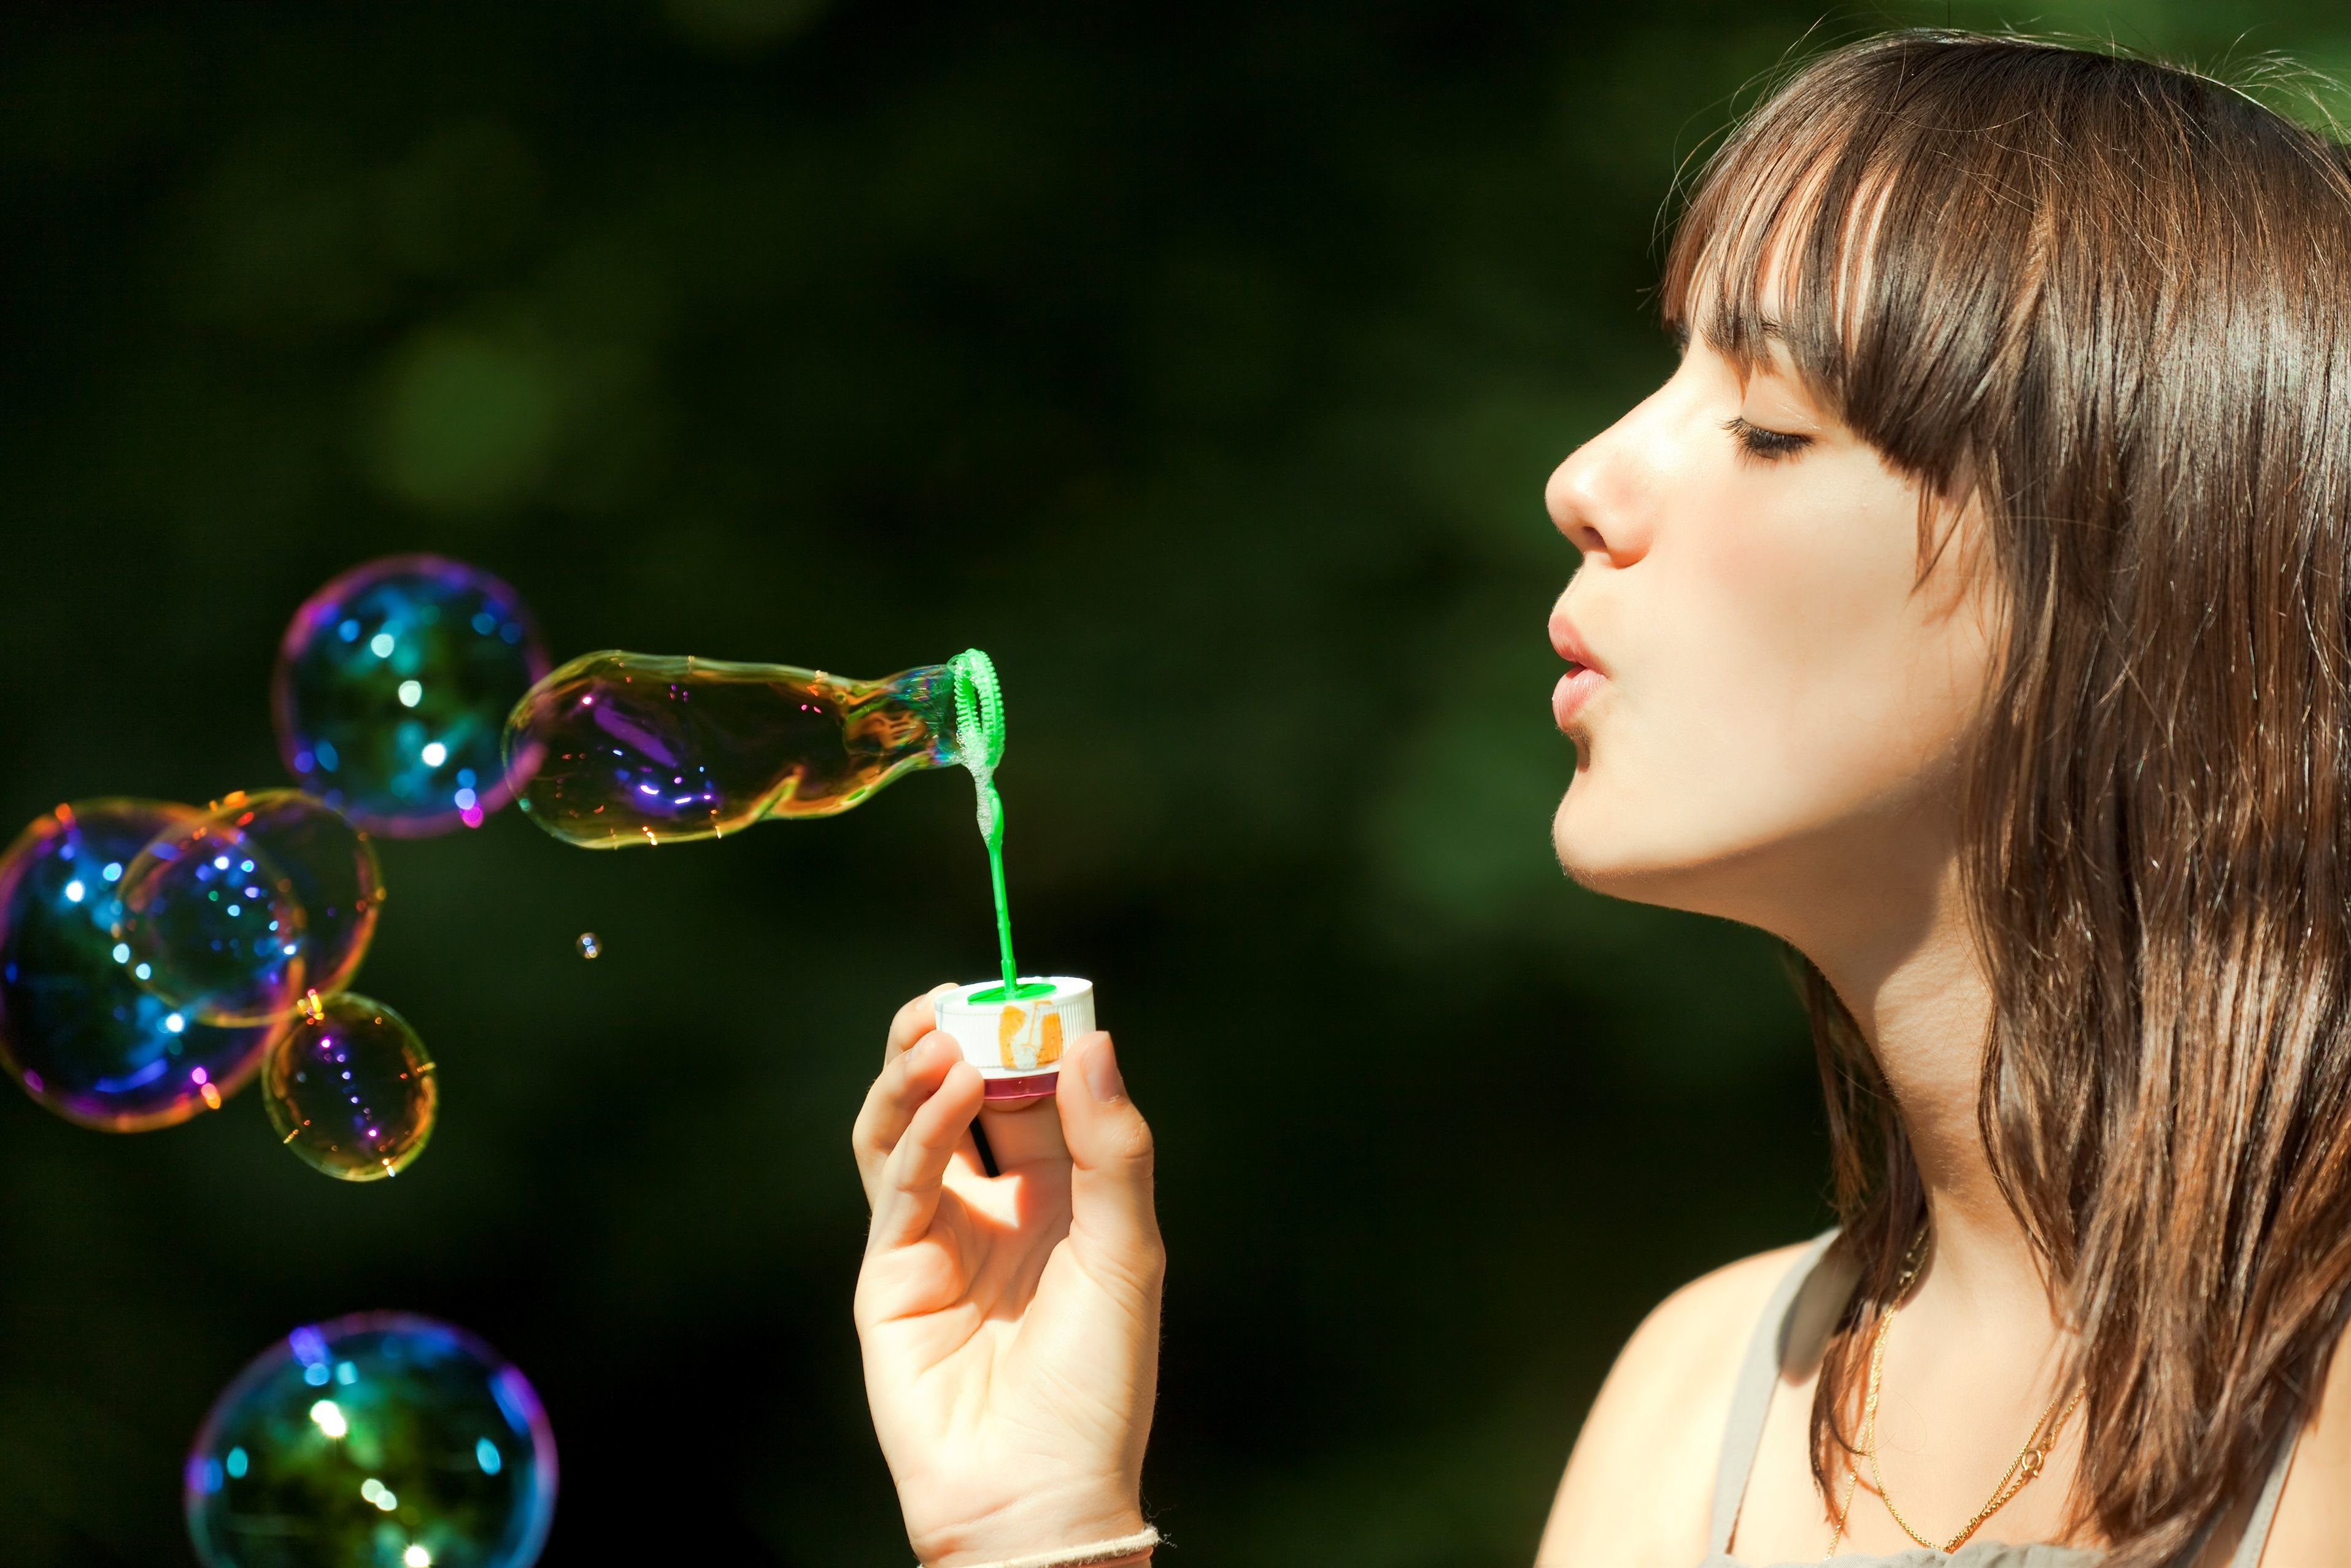 милая девочка с мыльными пузырями  № 1823228 загрузить